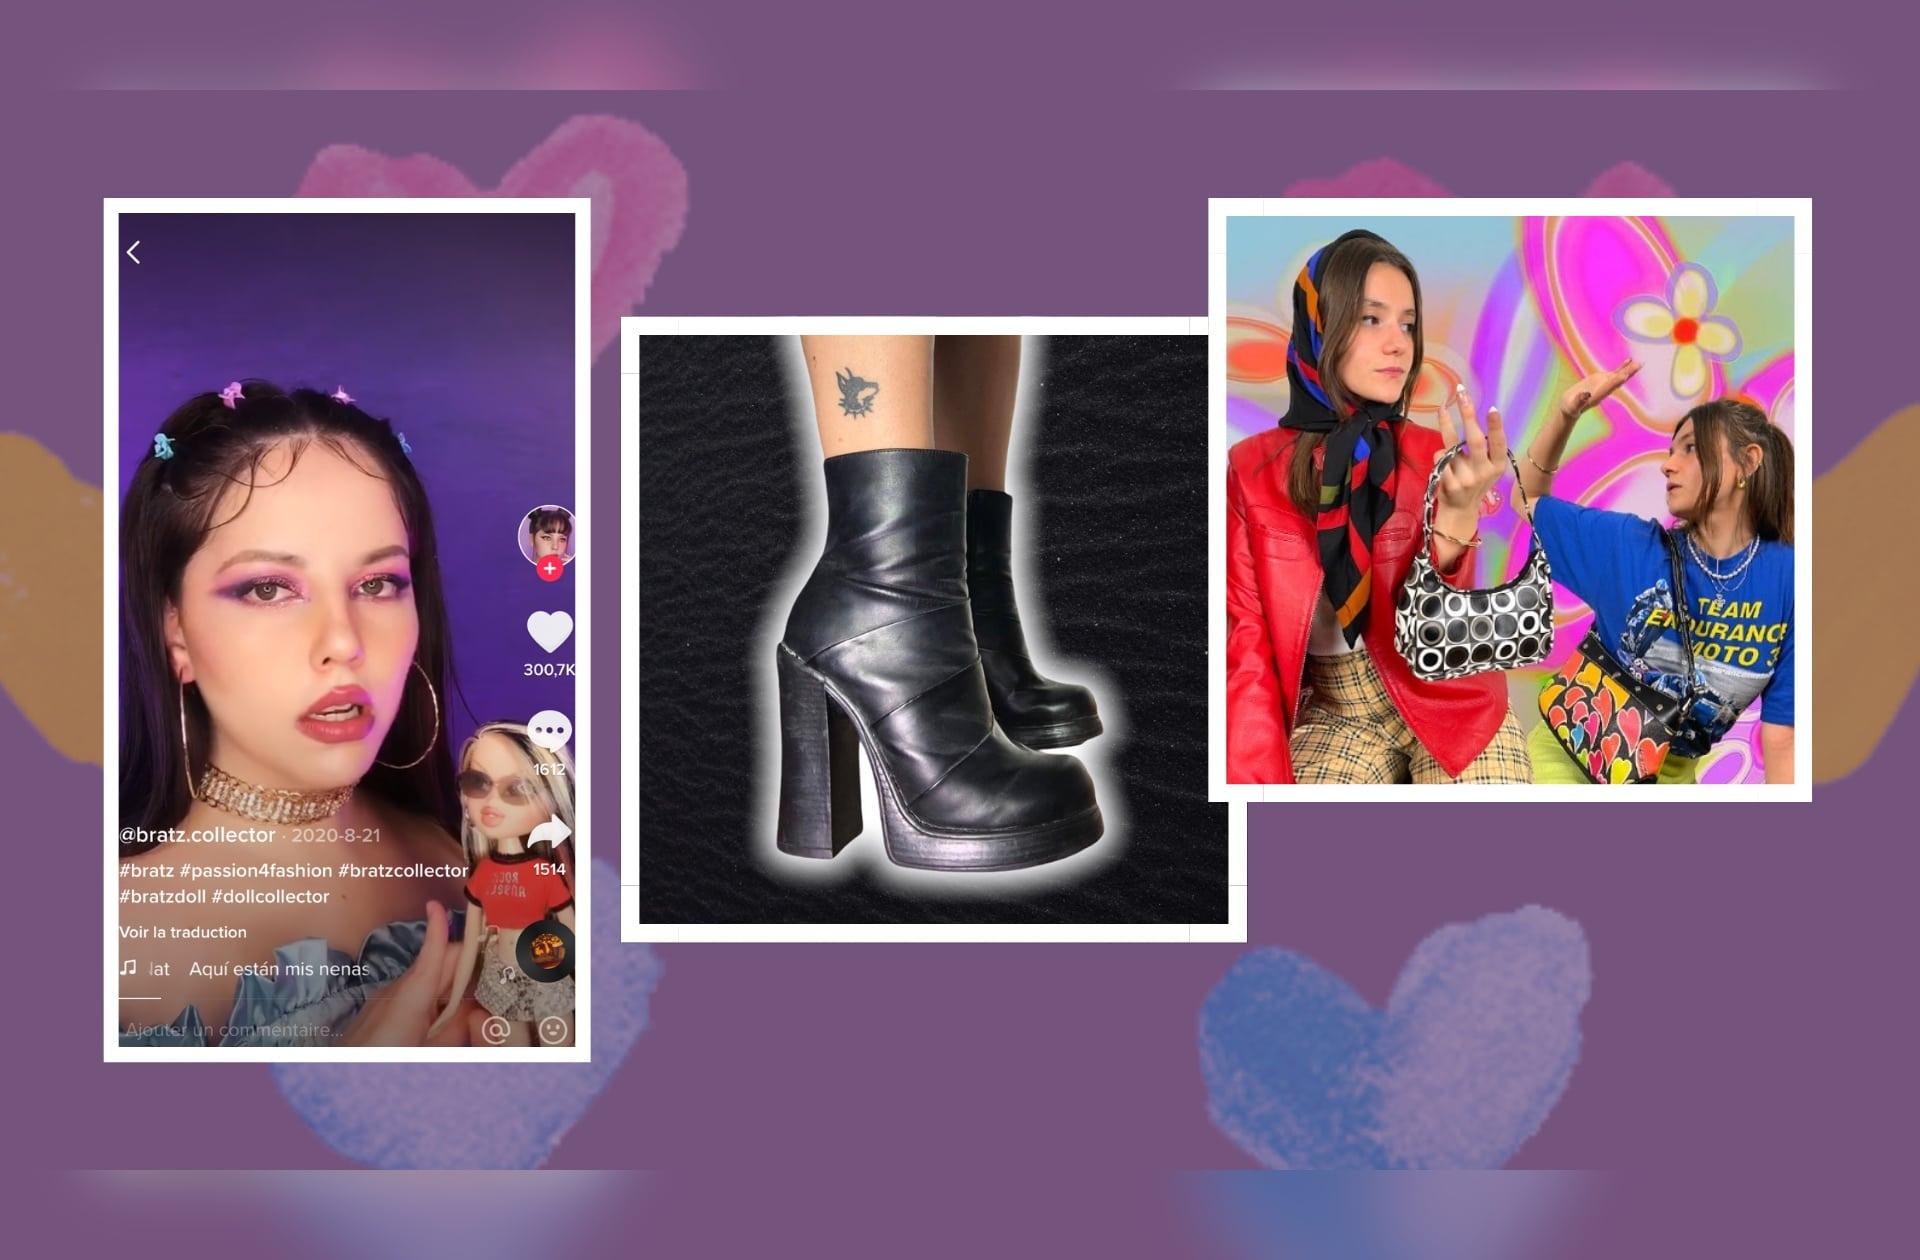 «Fun, coloré, sexy et naïf»:pourquoi le style des Bratz cartonne chez la génération Z